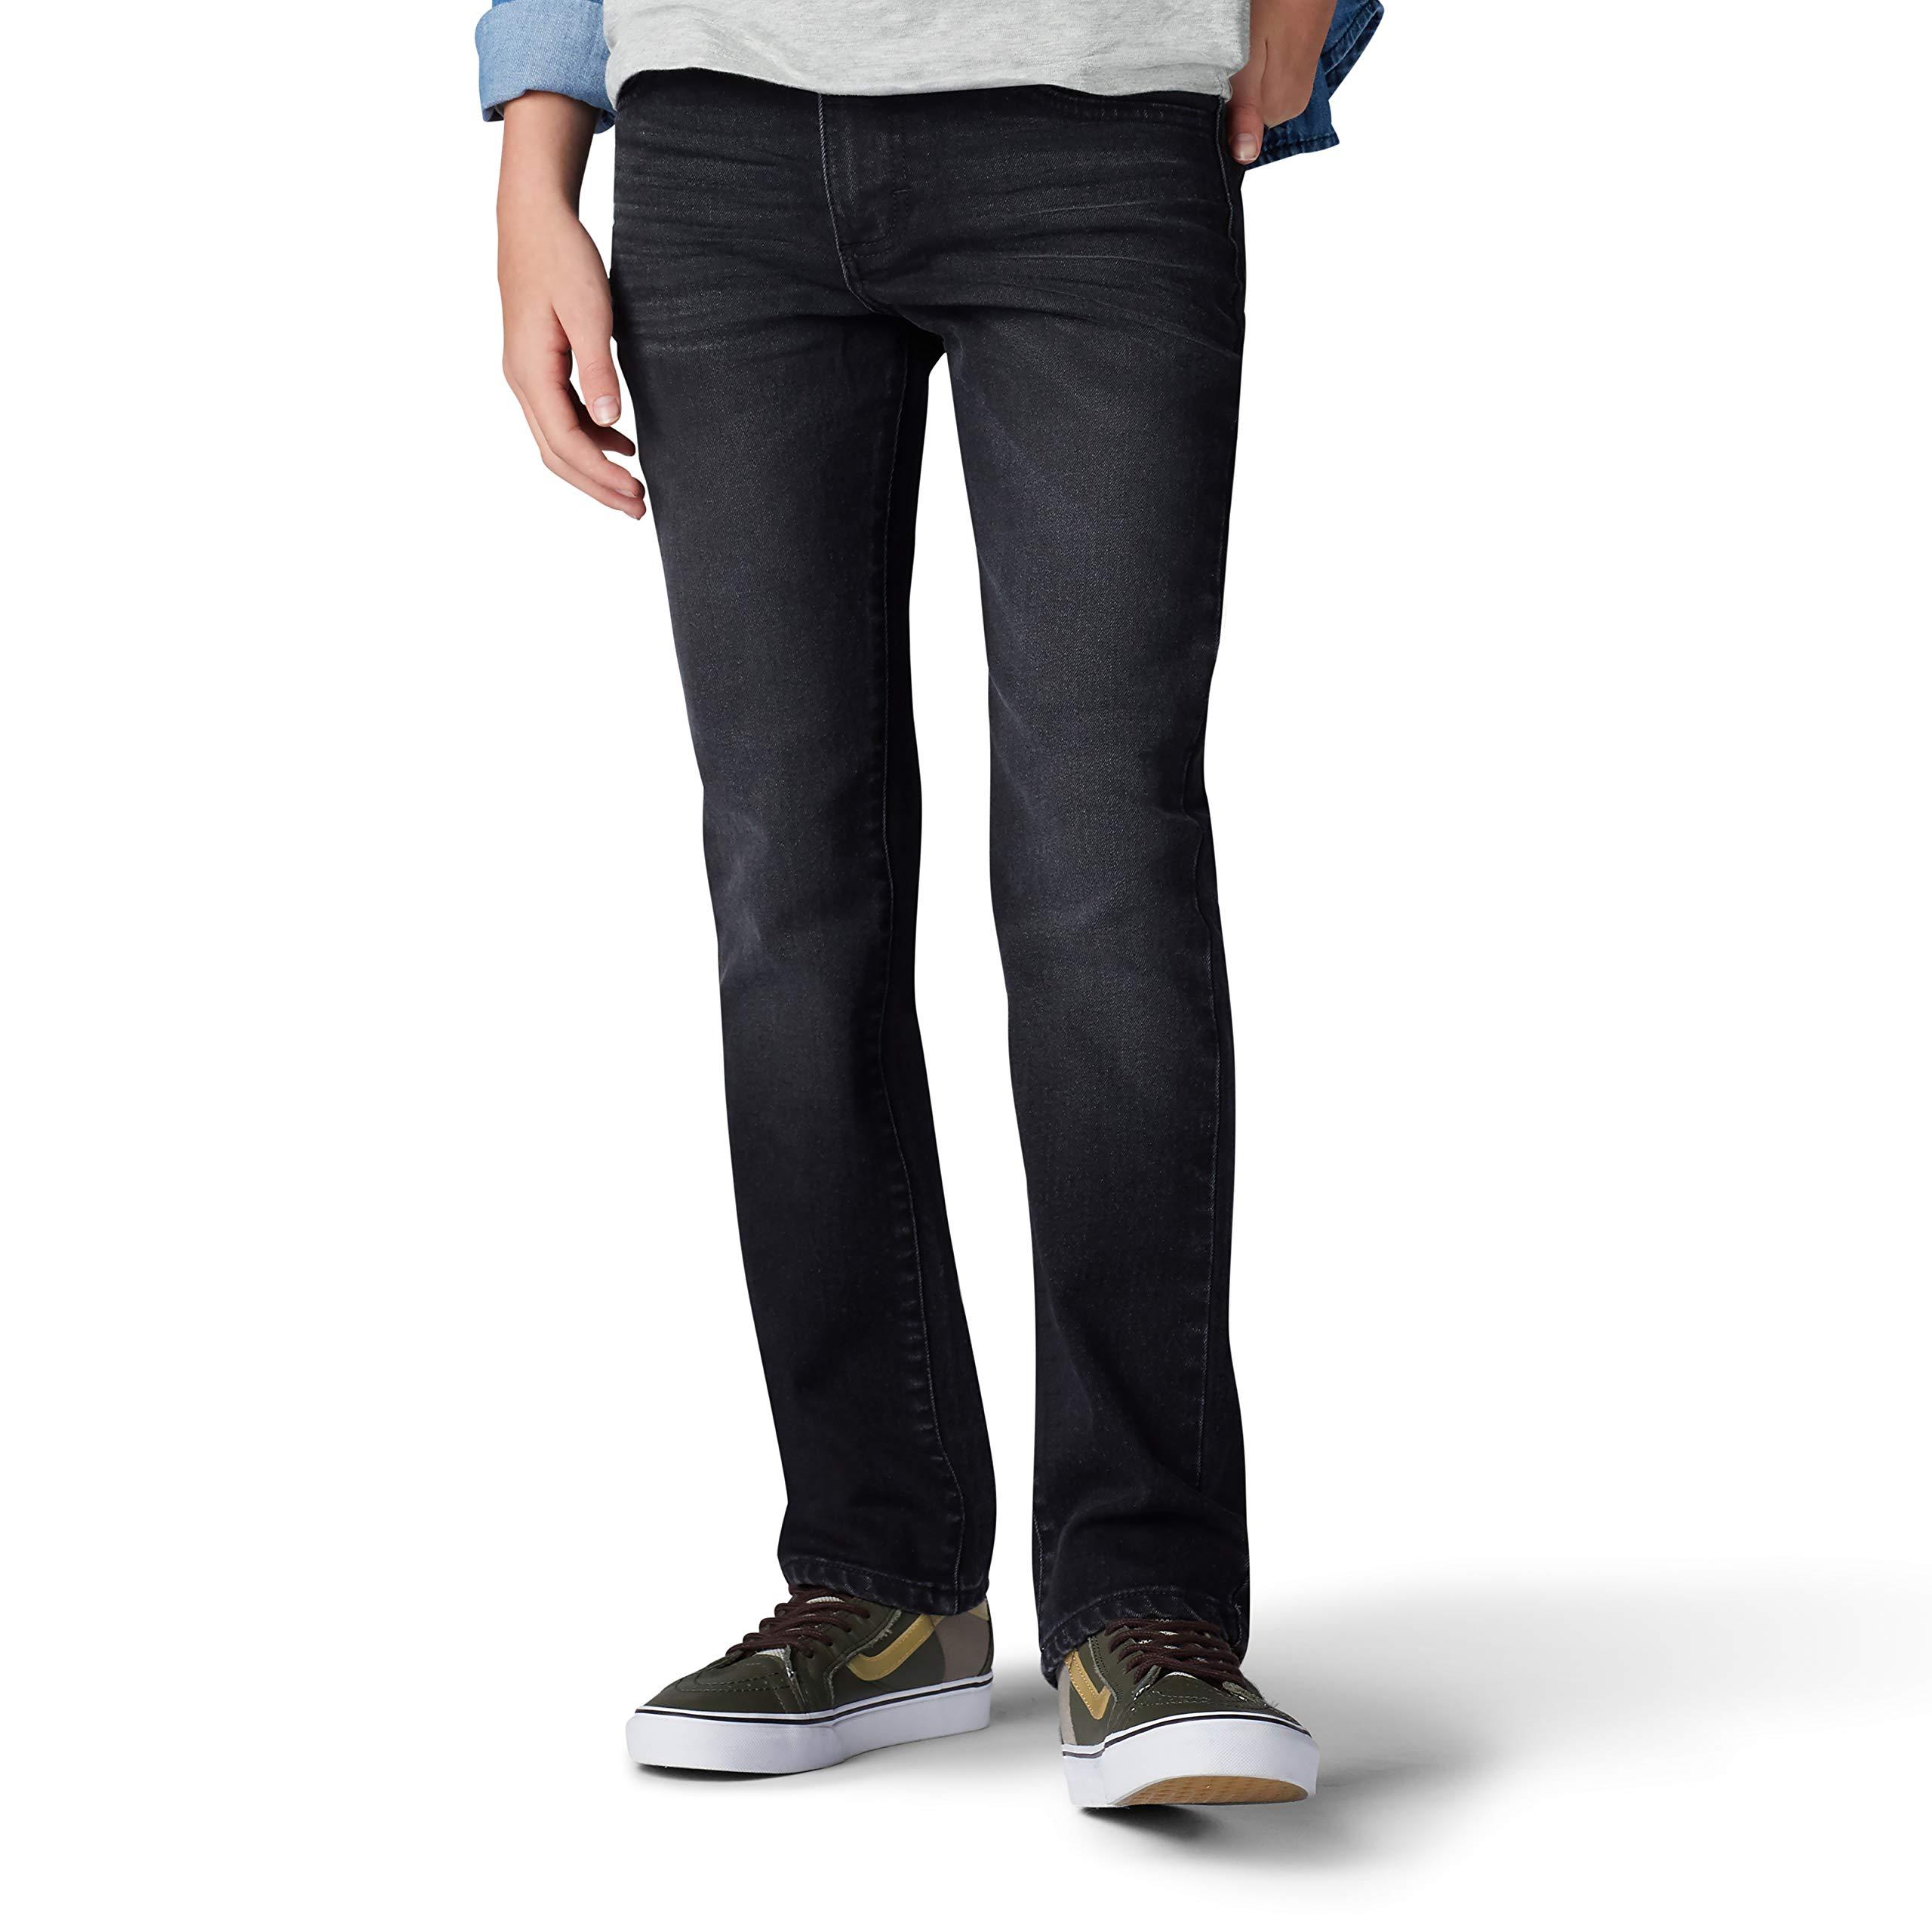 LEE Boys' Big Performance Series Extreme Comfort Slim Fit Jean, Black Nights, 18 by LEE